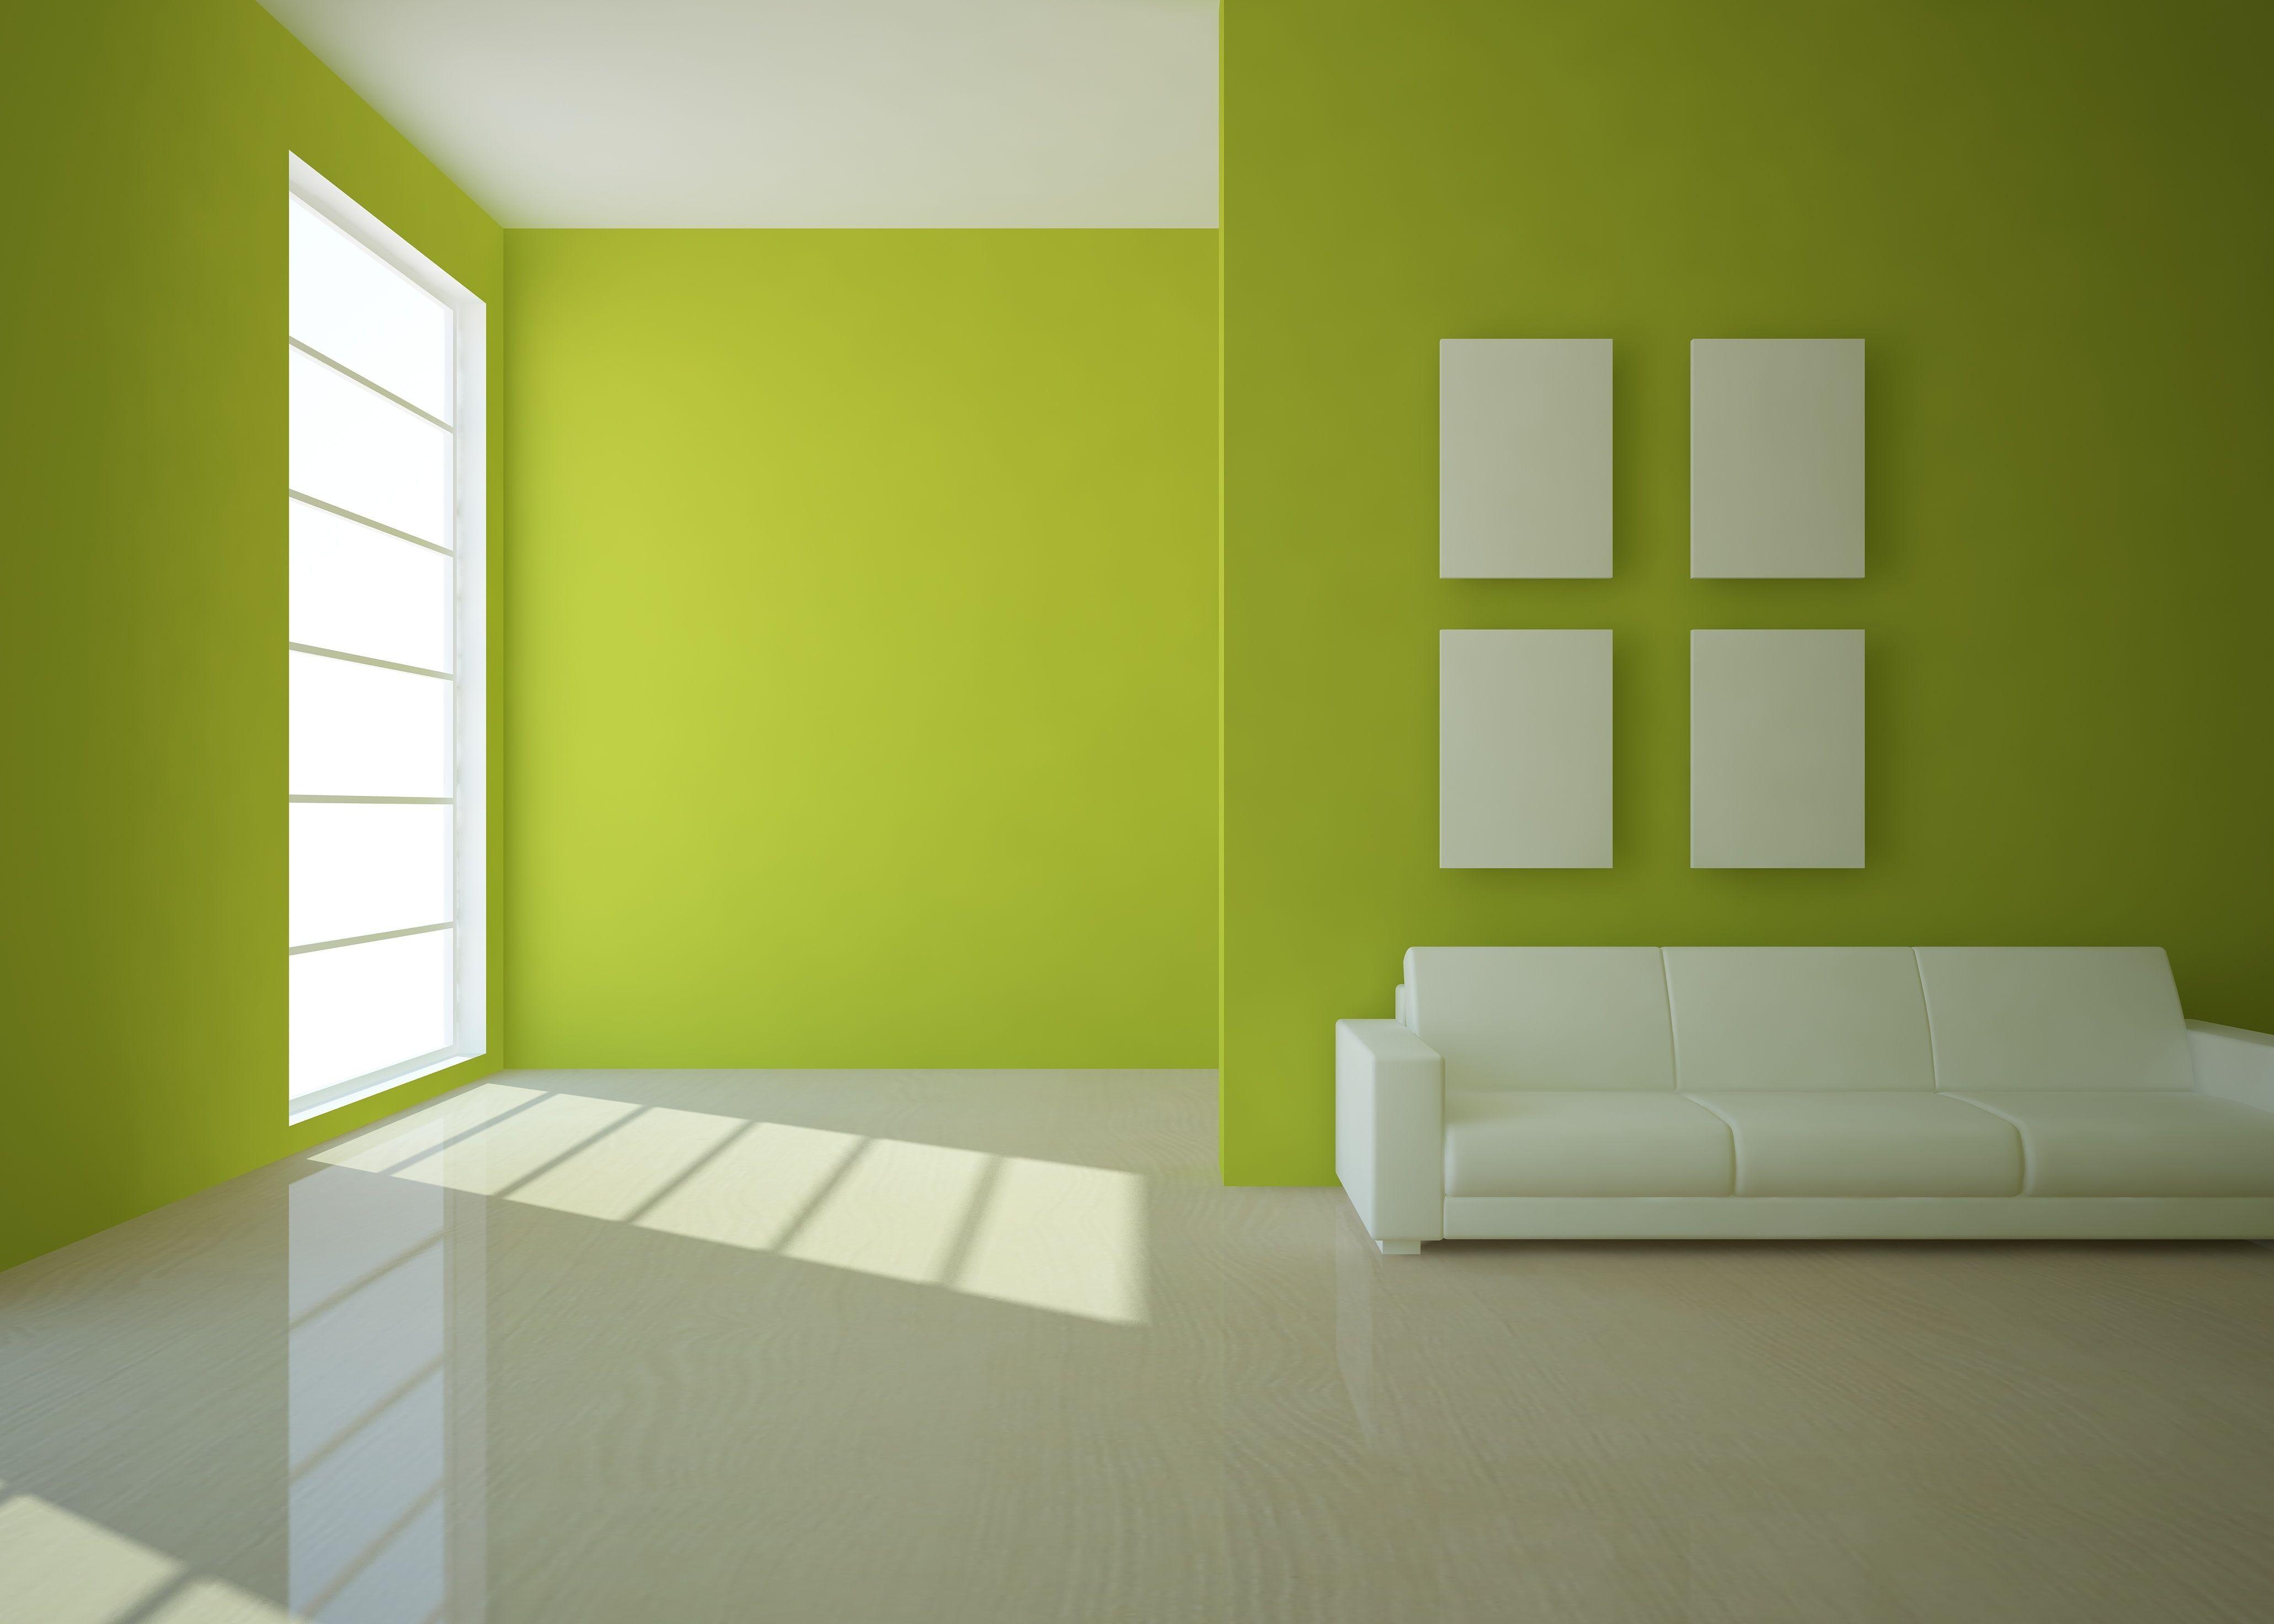 couleur taupe peinture | déco - réno | pinterest | couleur taupe